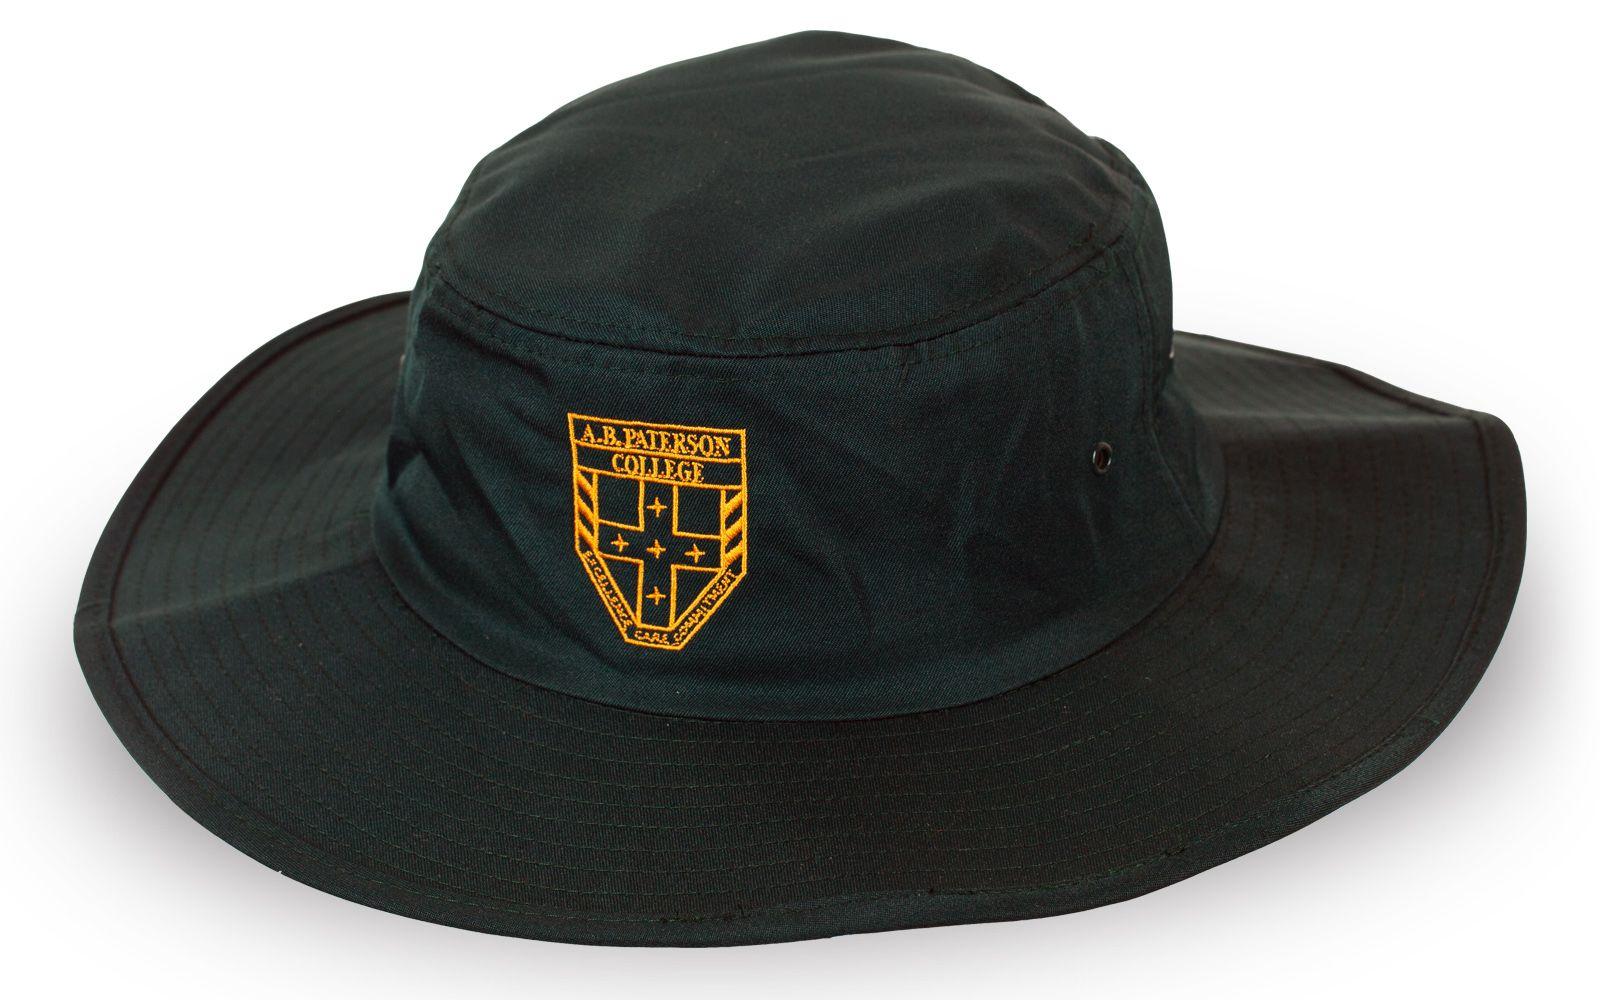 Мужская шляпа для отпуска у моря - купить онлайн